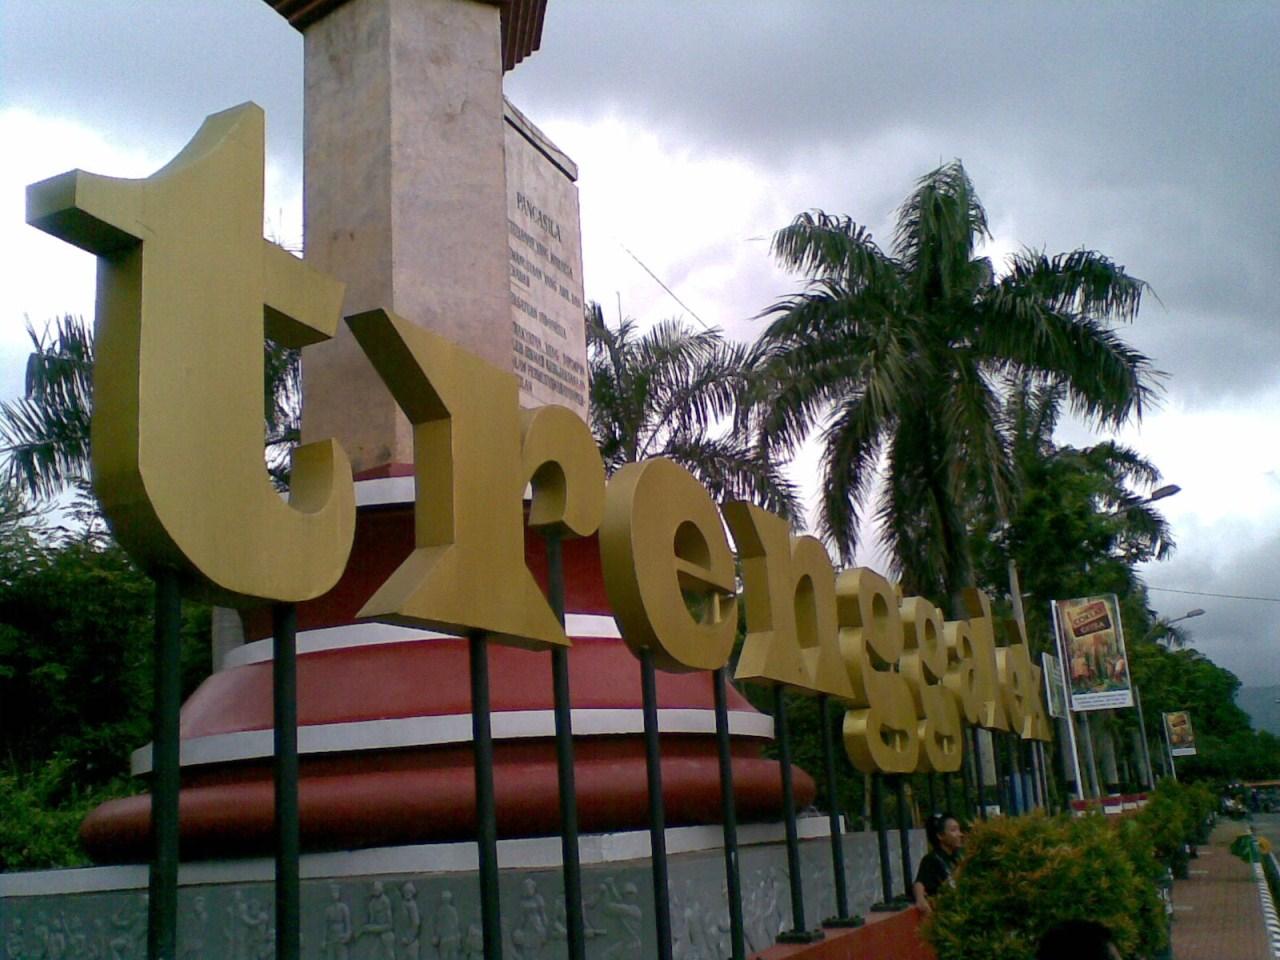 Kopi Batik Liburan Enaknya Kemana Foto Atas Berada Alun Kabupaten